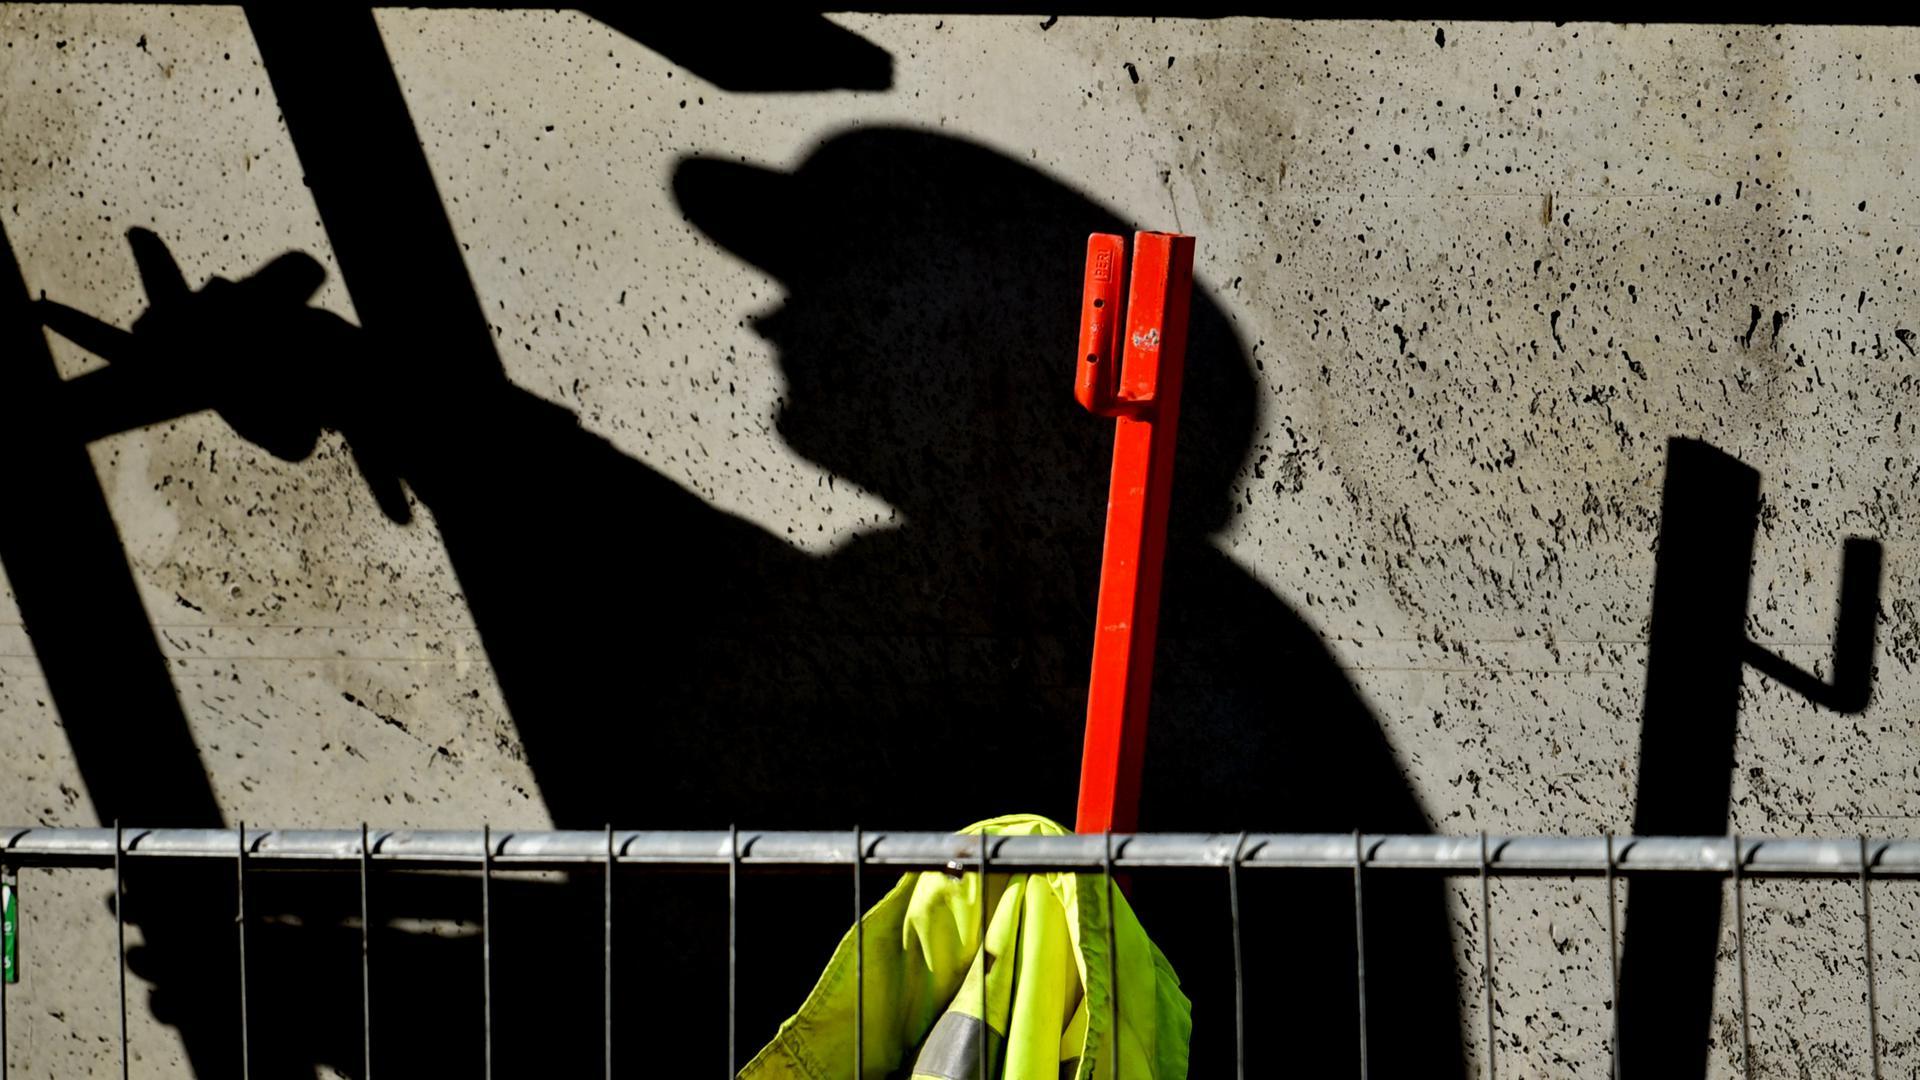 ARCHIV - 05.02.2015, Brandenburg, Potsdam: Illustration - Ein Arbeiter ist auf einer Baustelle beschäftigt und wirft dabei einen dunklen Schatten. (zu dpa «Gewerkschaft:Auf dem Bau sinkt die «Corona-Disziplin»») Foto: Ralf Hirschberger/dpa-Zentralbild/dpa +++ dpa-Bildfunk +++